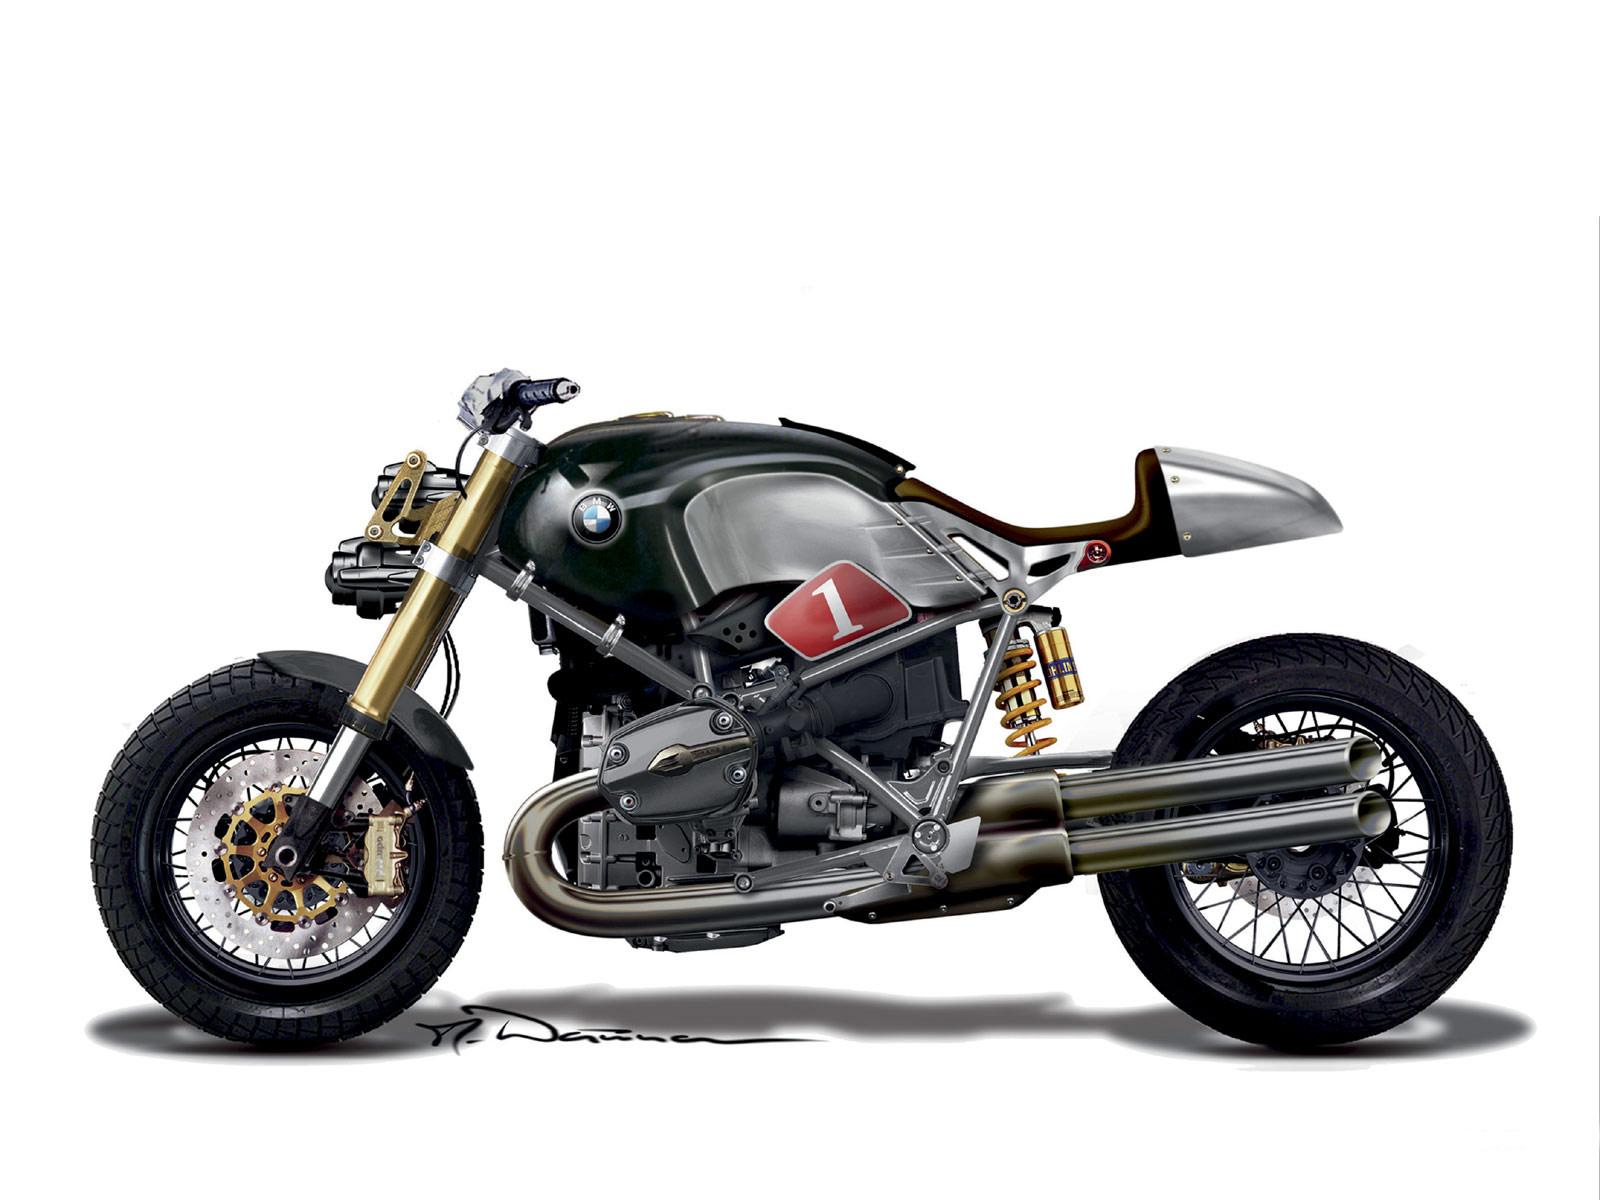 2009 Bmw Lo Rider Motorcycle Desktop Wallpaper Specifications